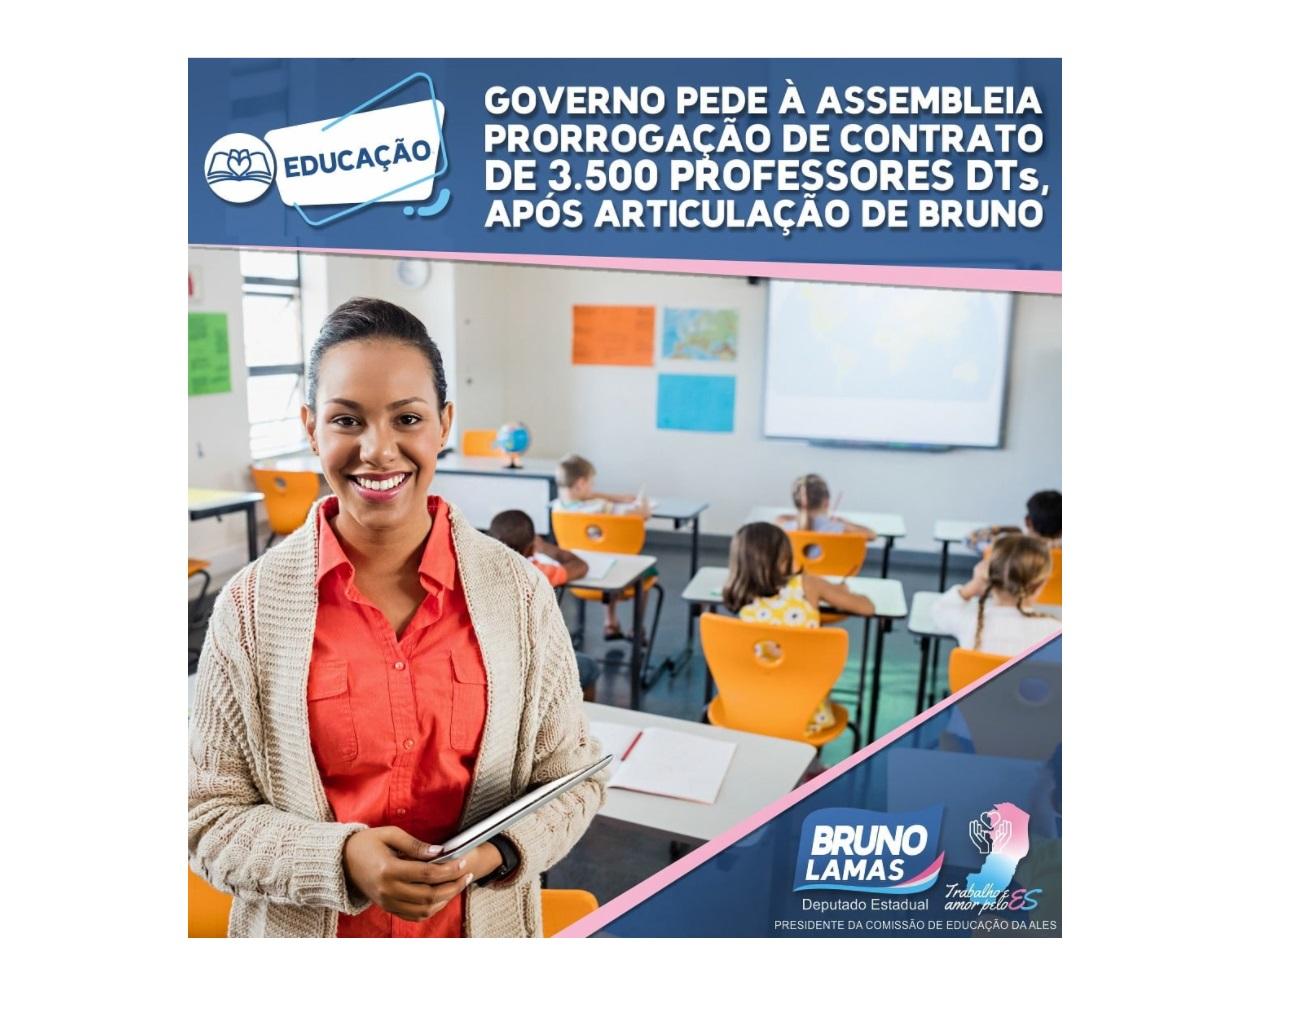 Governo pede à Assembleia prorrogação de contrato de 3.500 professores DTs, após articulação de Bruno Lamas